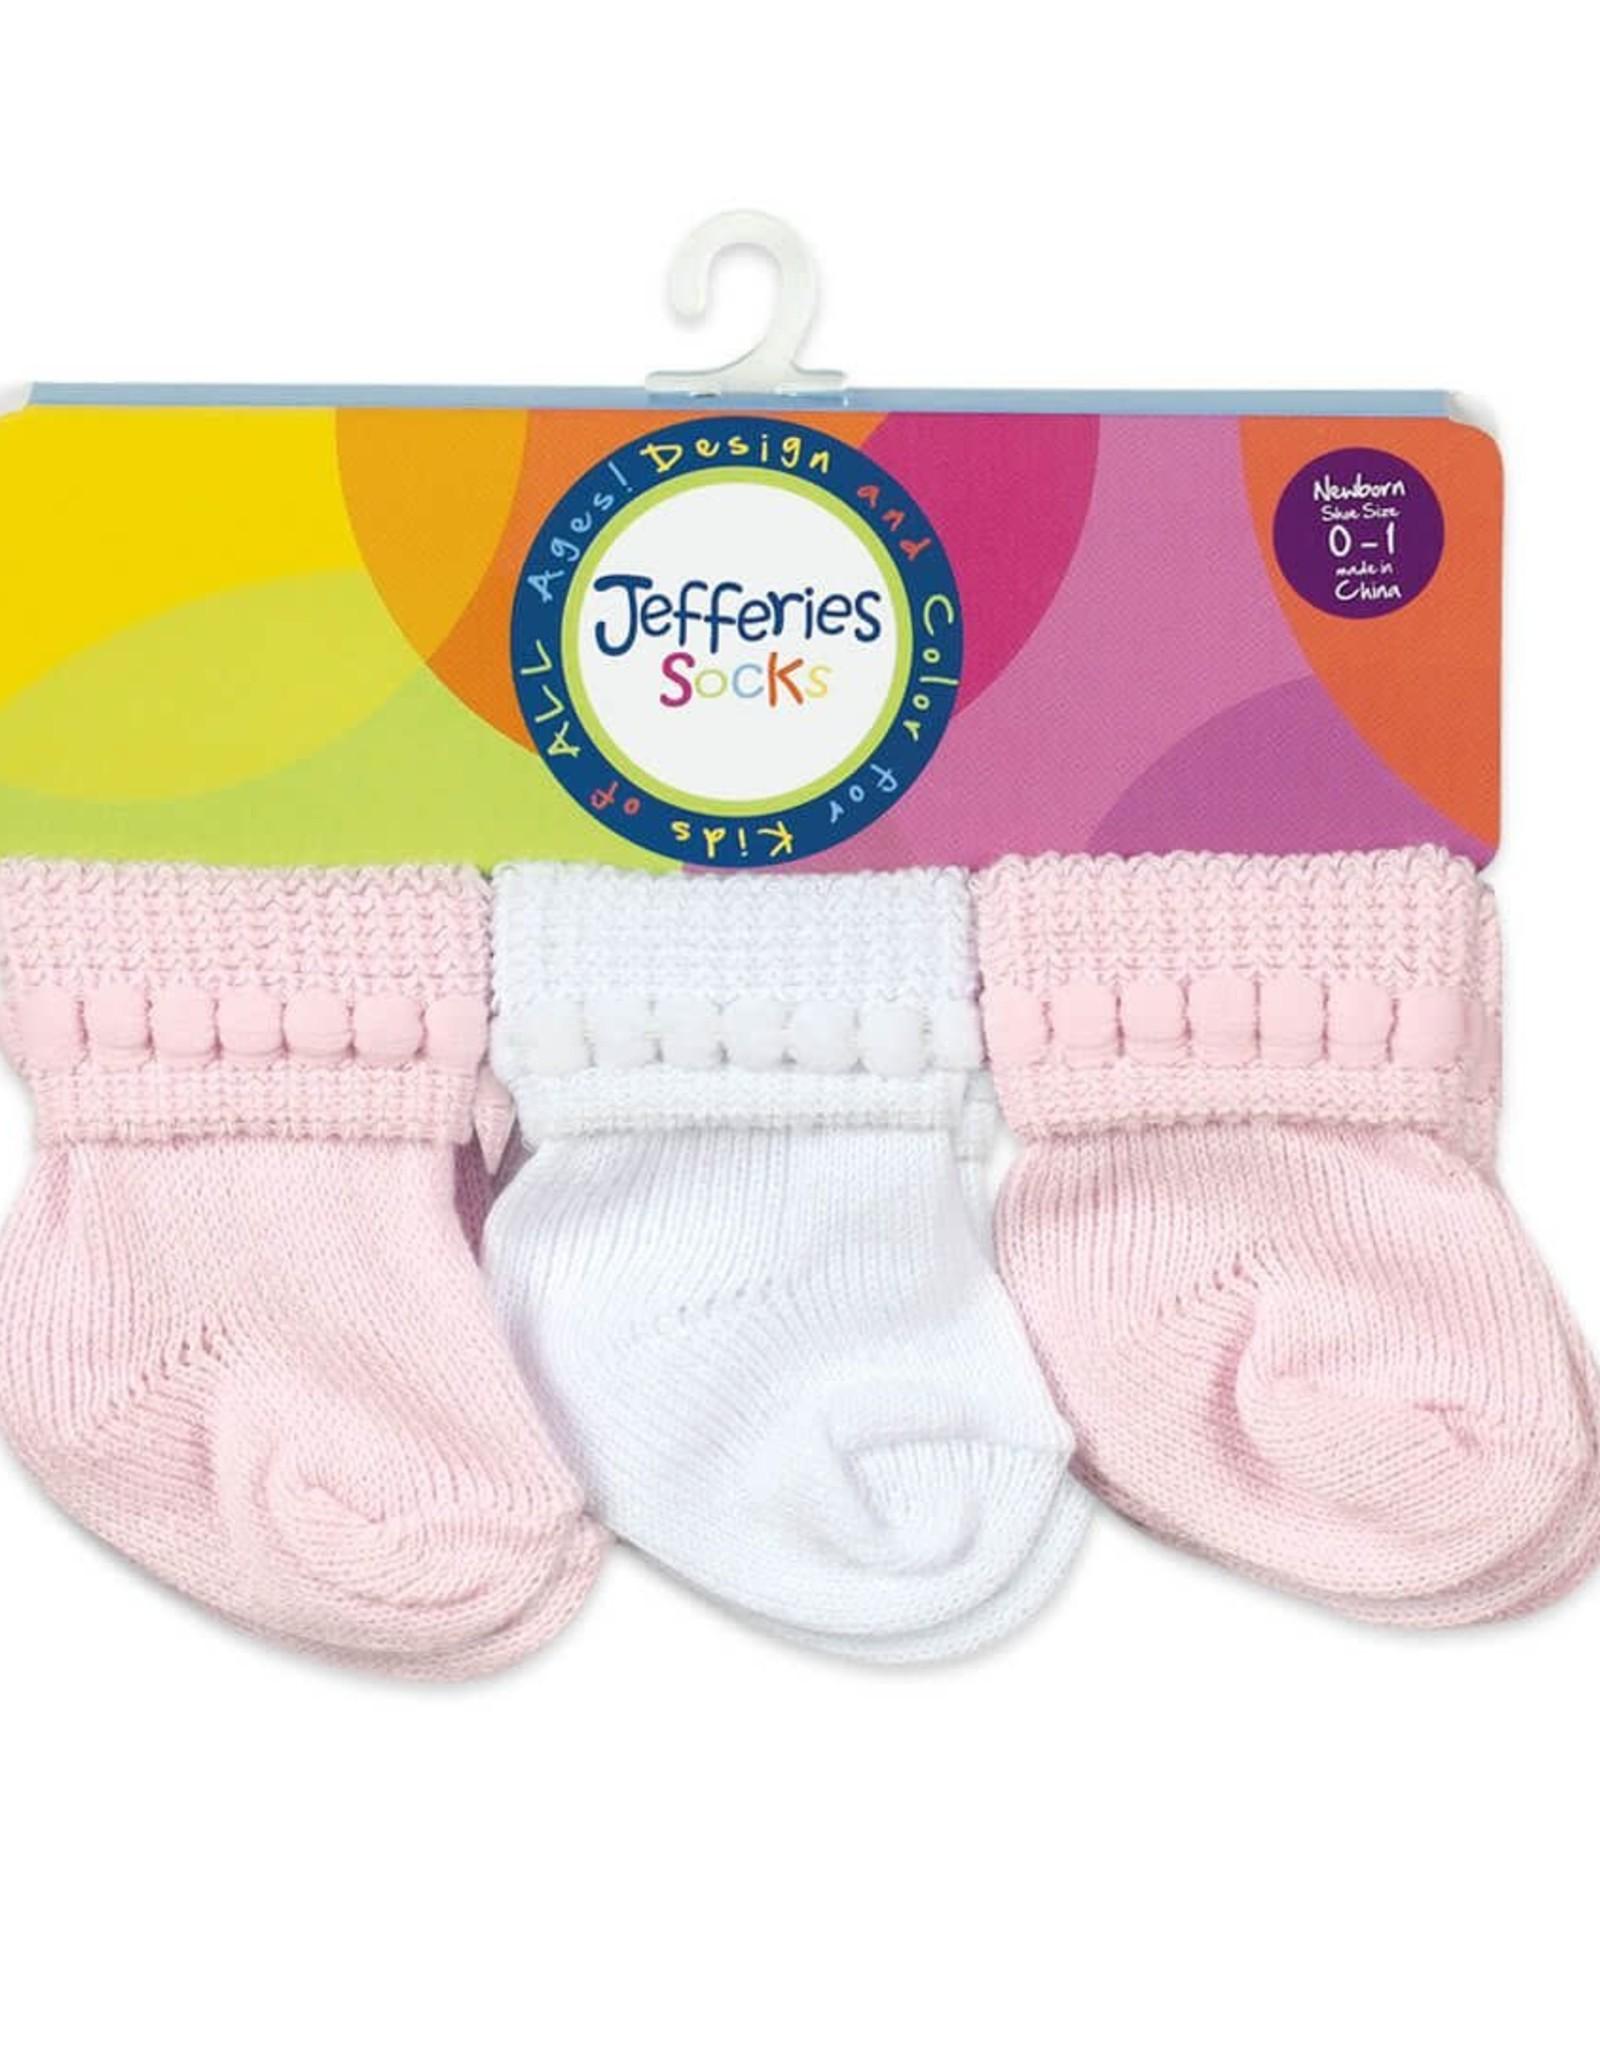 Jefferies Socks Rock-A-Bye Turn Cuff Socks 6 Pair Pack Size NB